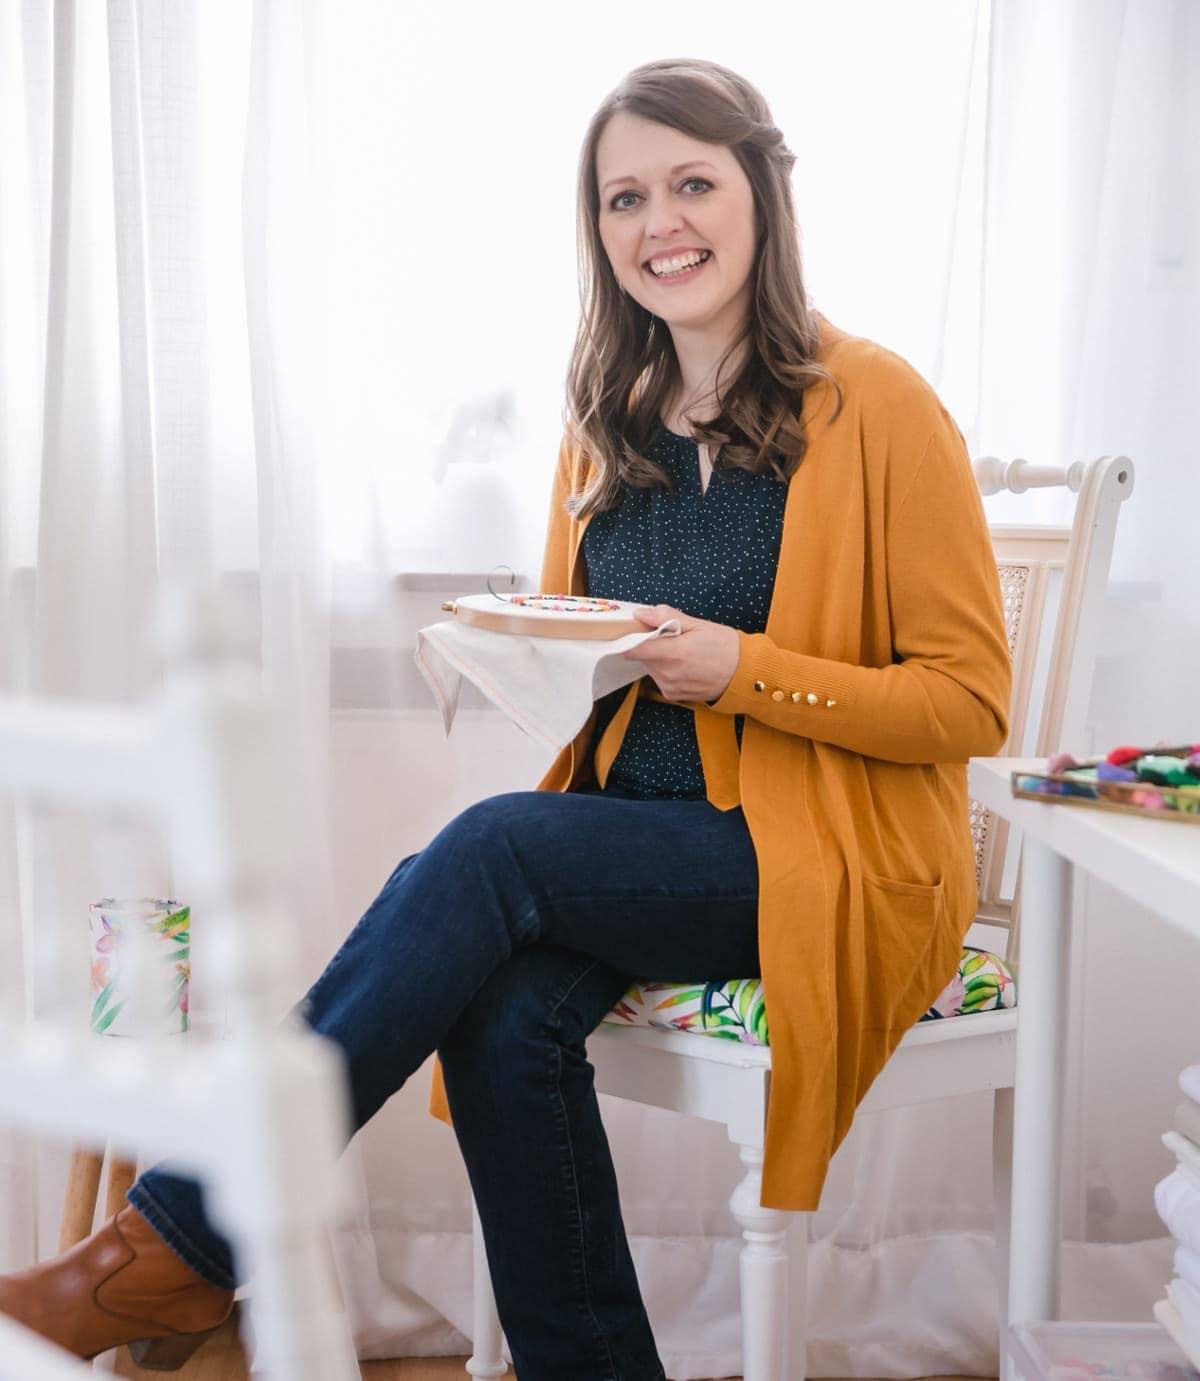 Sticken mit Nadine Villmann - Erfahrungen und Bewertungen